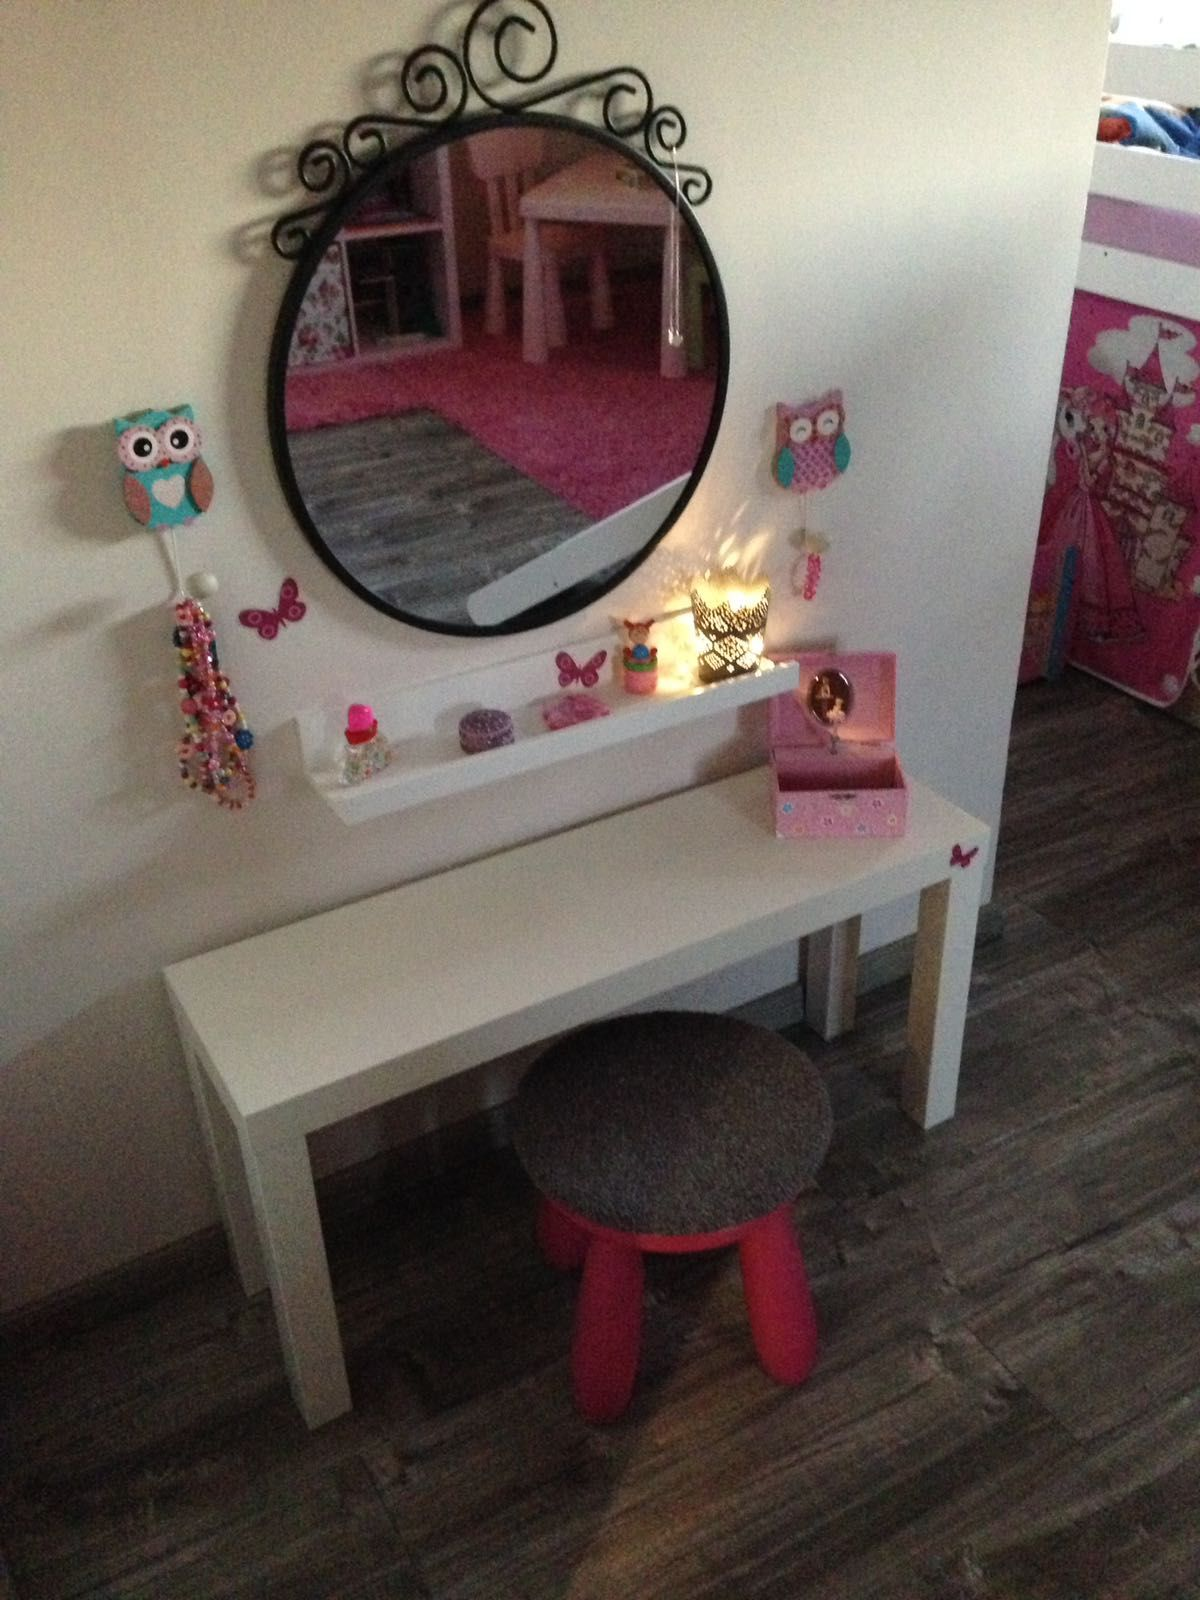 Kinder Schminktisch  Ikea Ideen in 2019  Pinterest  Kinder zimmer Kinder schminktisch und